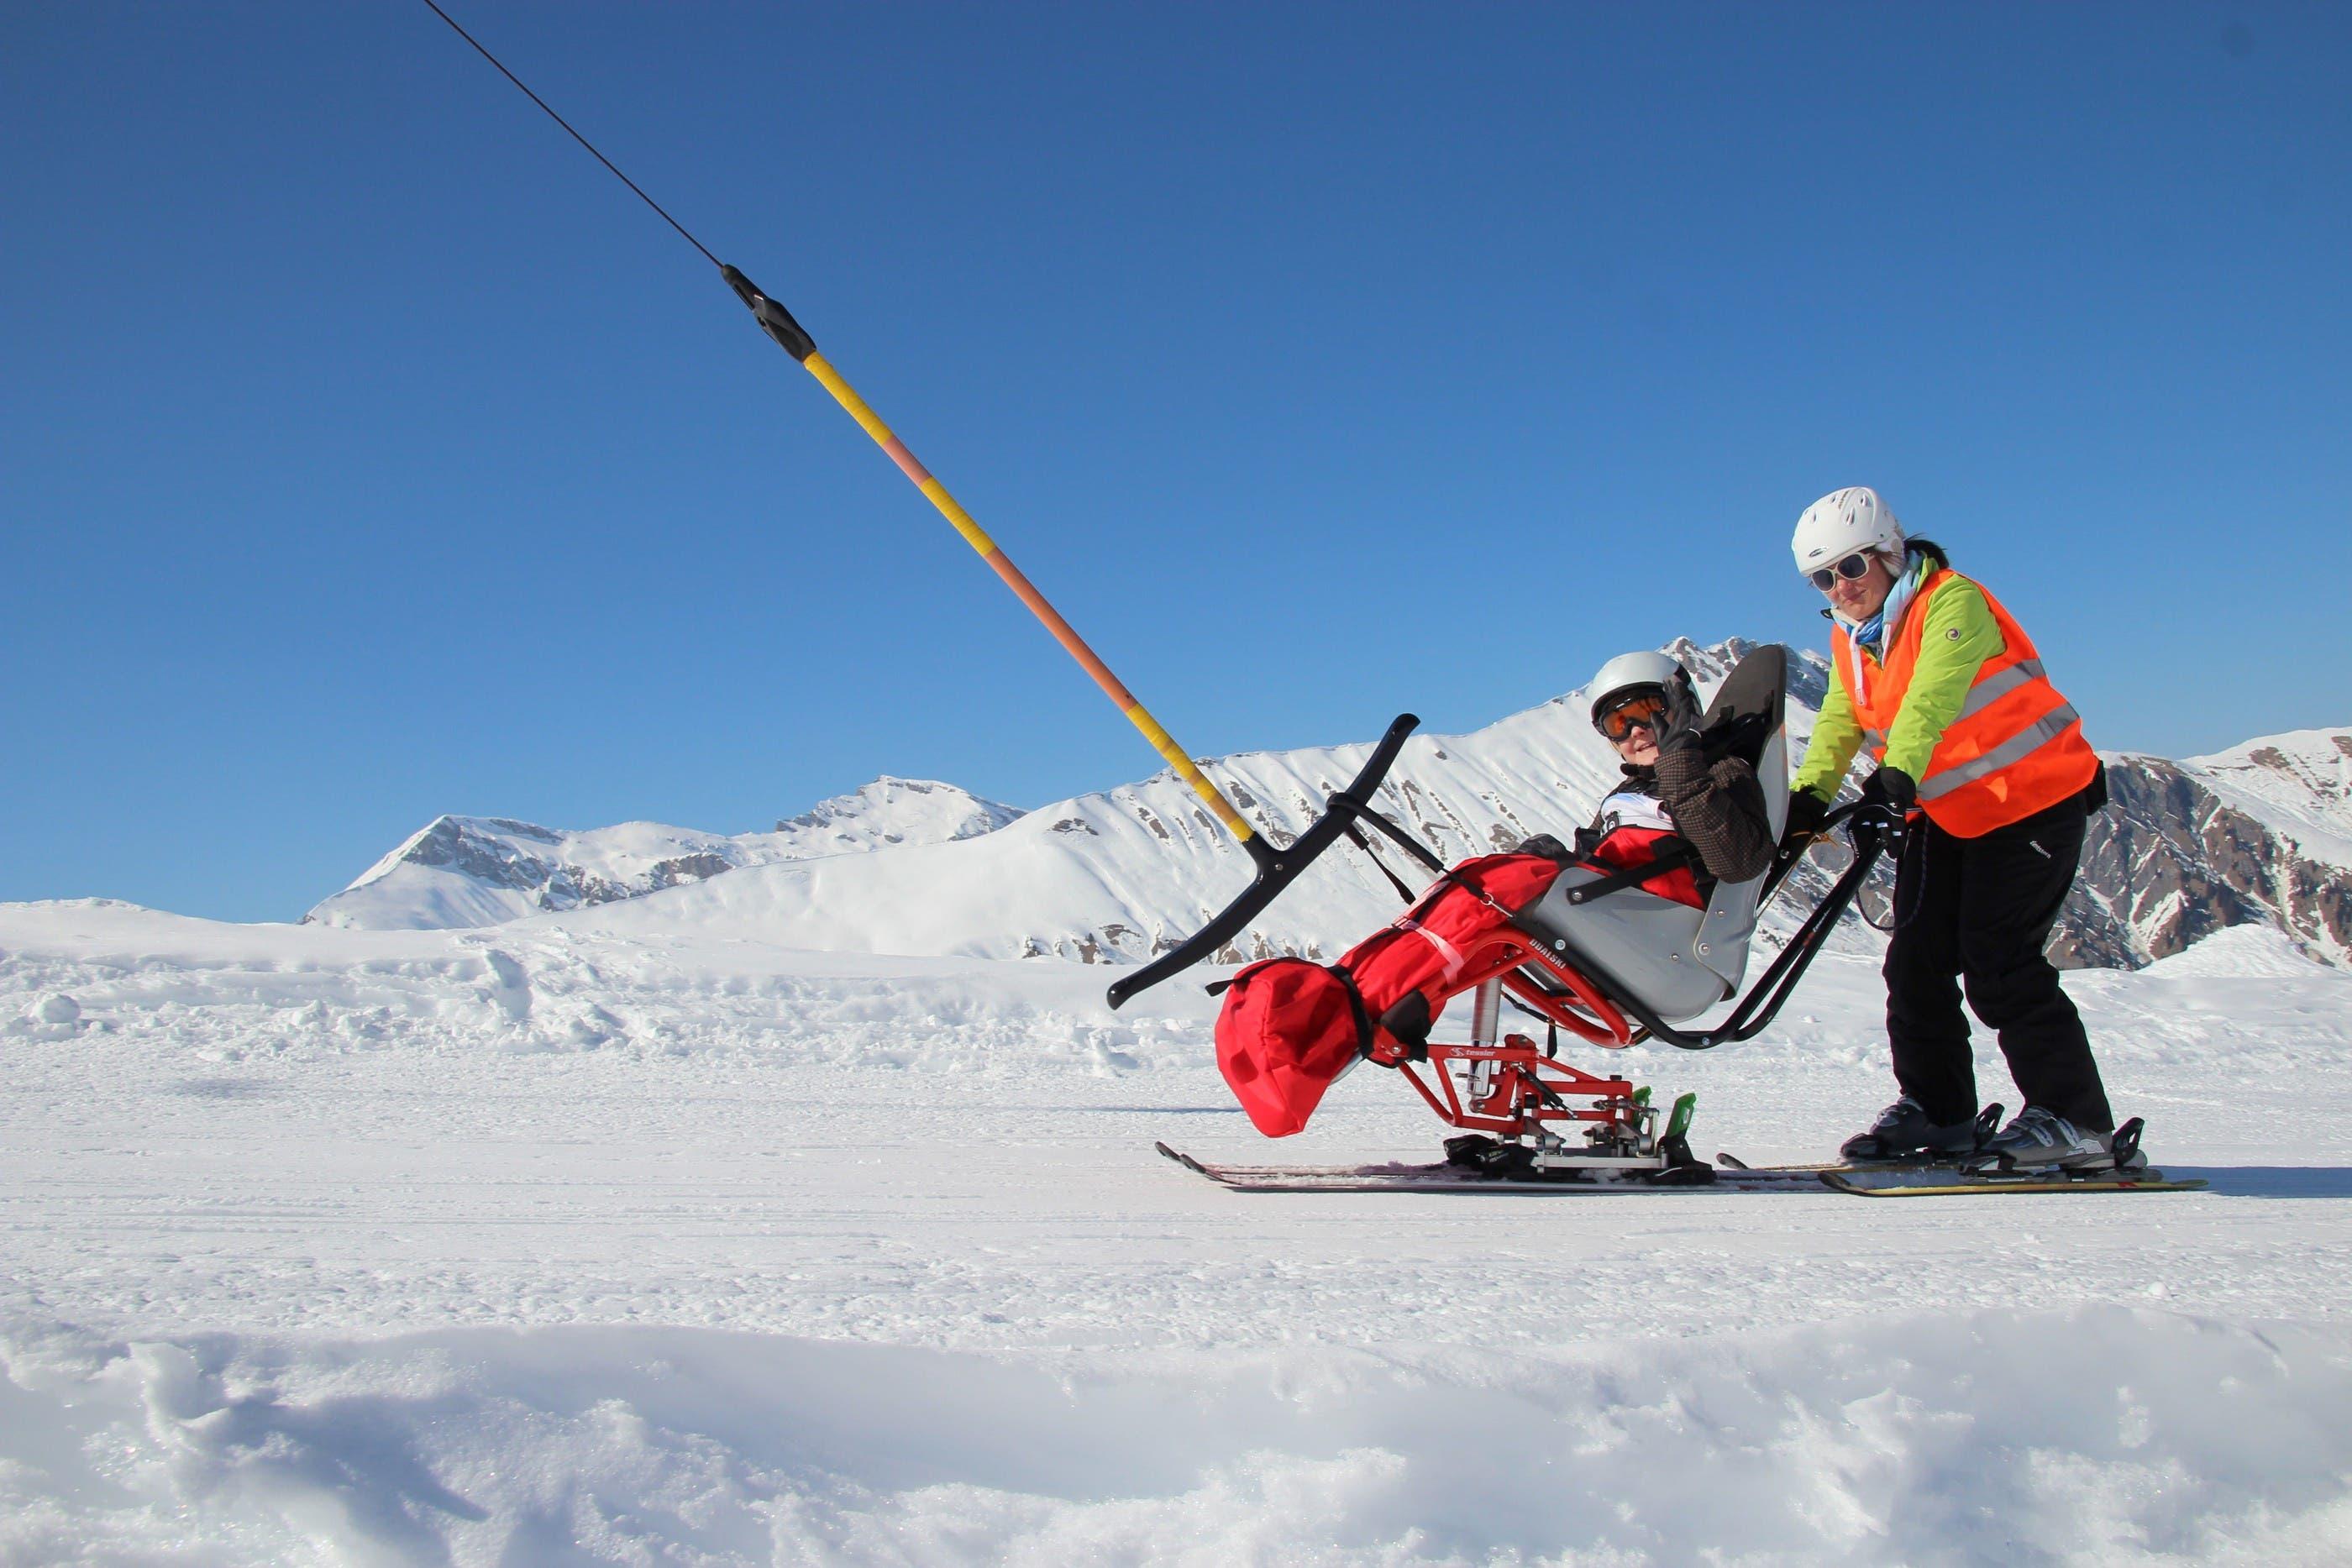 Die Schüler des Zentrum für körperbehinderte Kinder Aarau verbrachten im Skilager eine sonnige Woche in der Lenk.